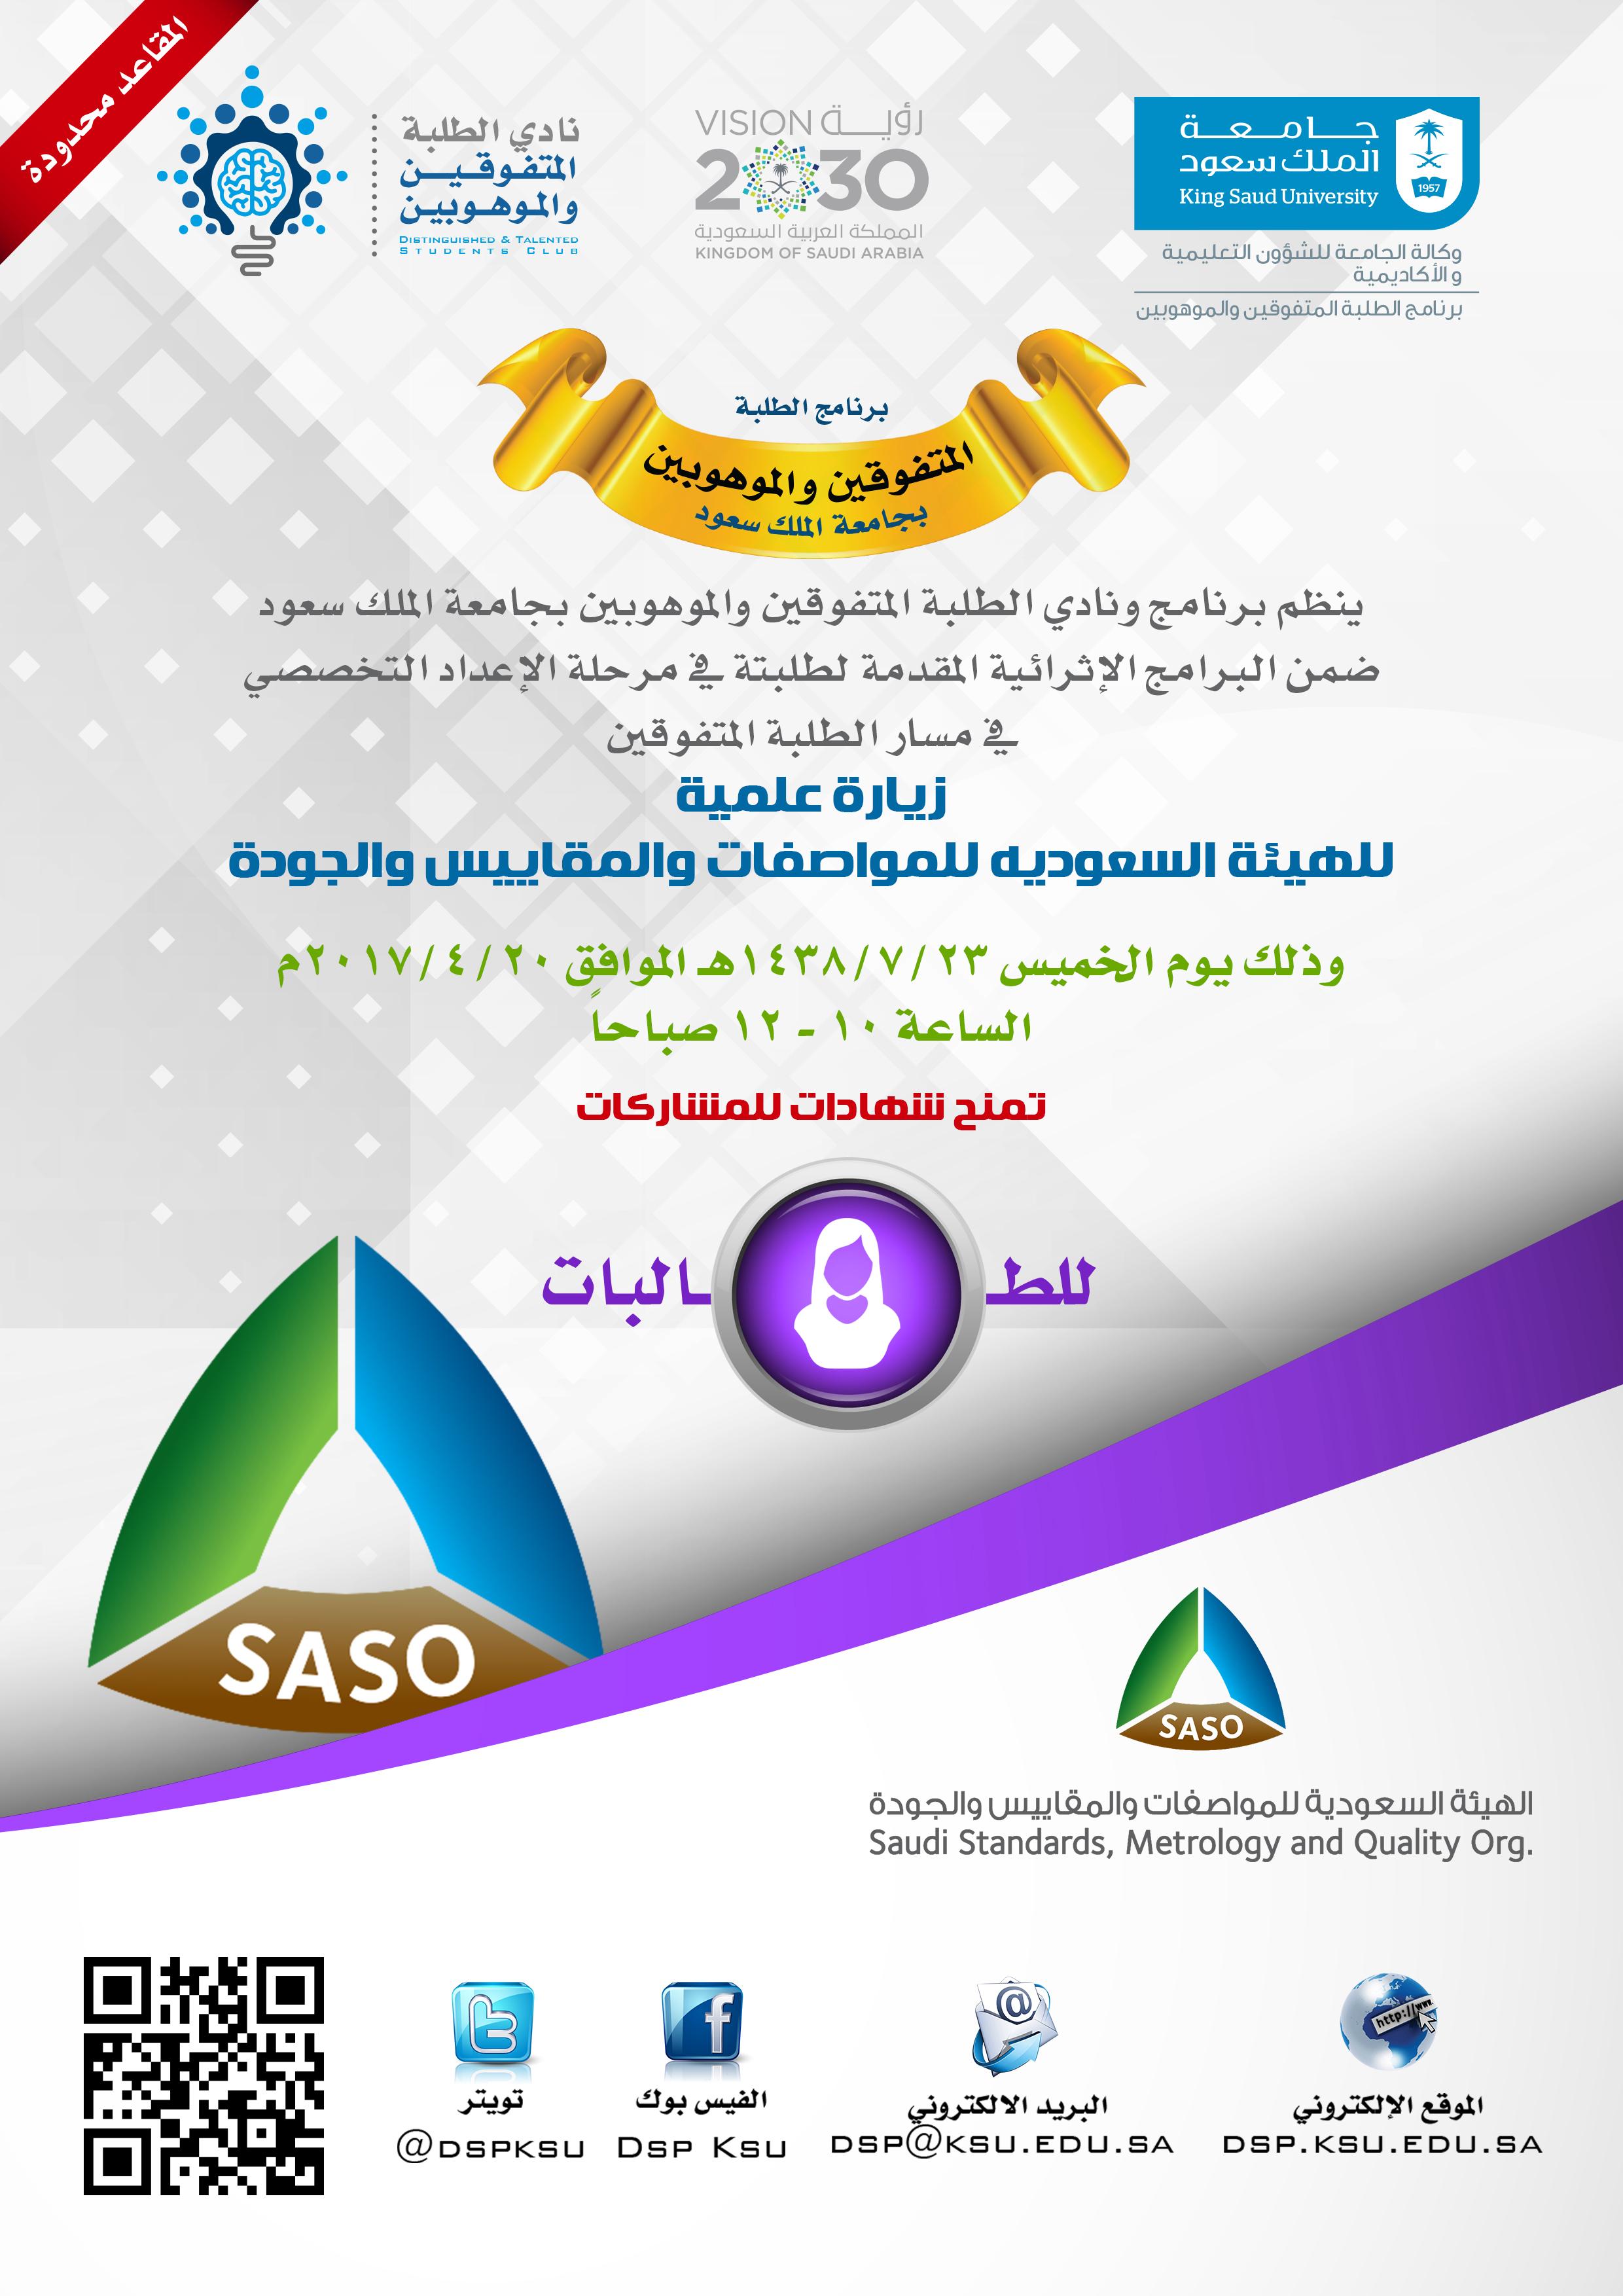 ينظم برنامج ونادي الطلبة المتفوقين والموهوبين زيارة علمية للهيئة السعودية للمواصفات والمقاييس والجودة